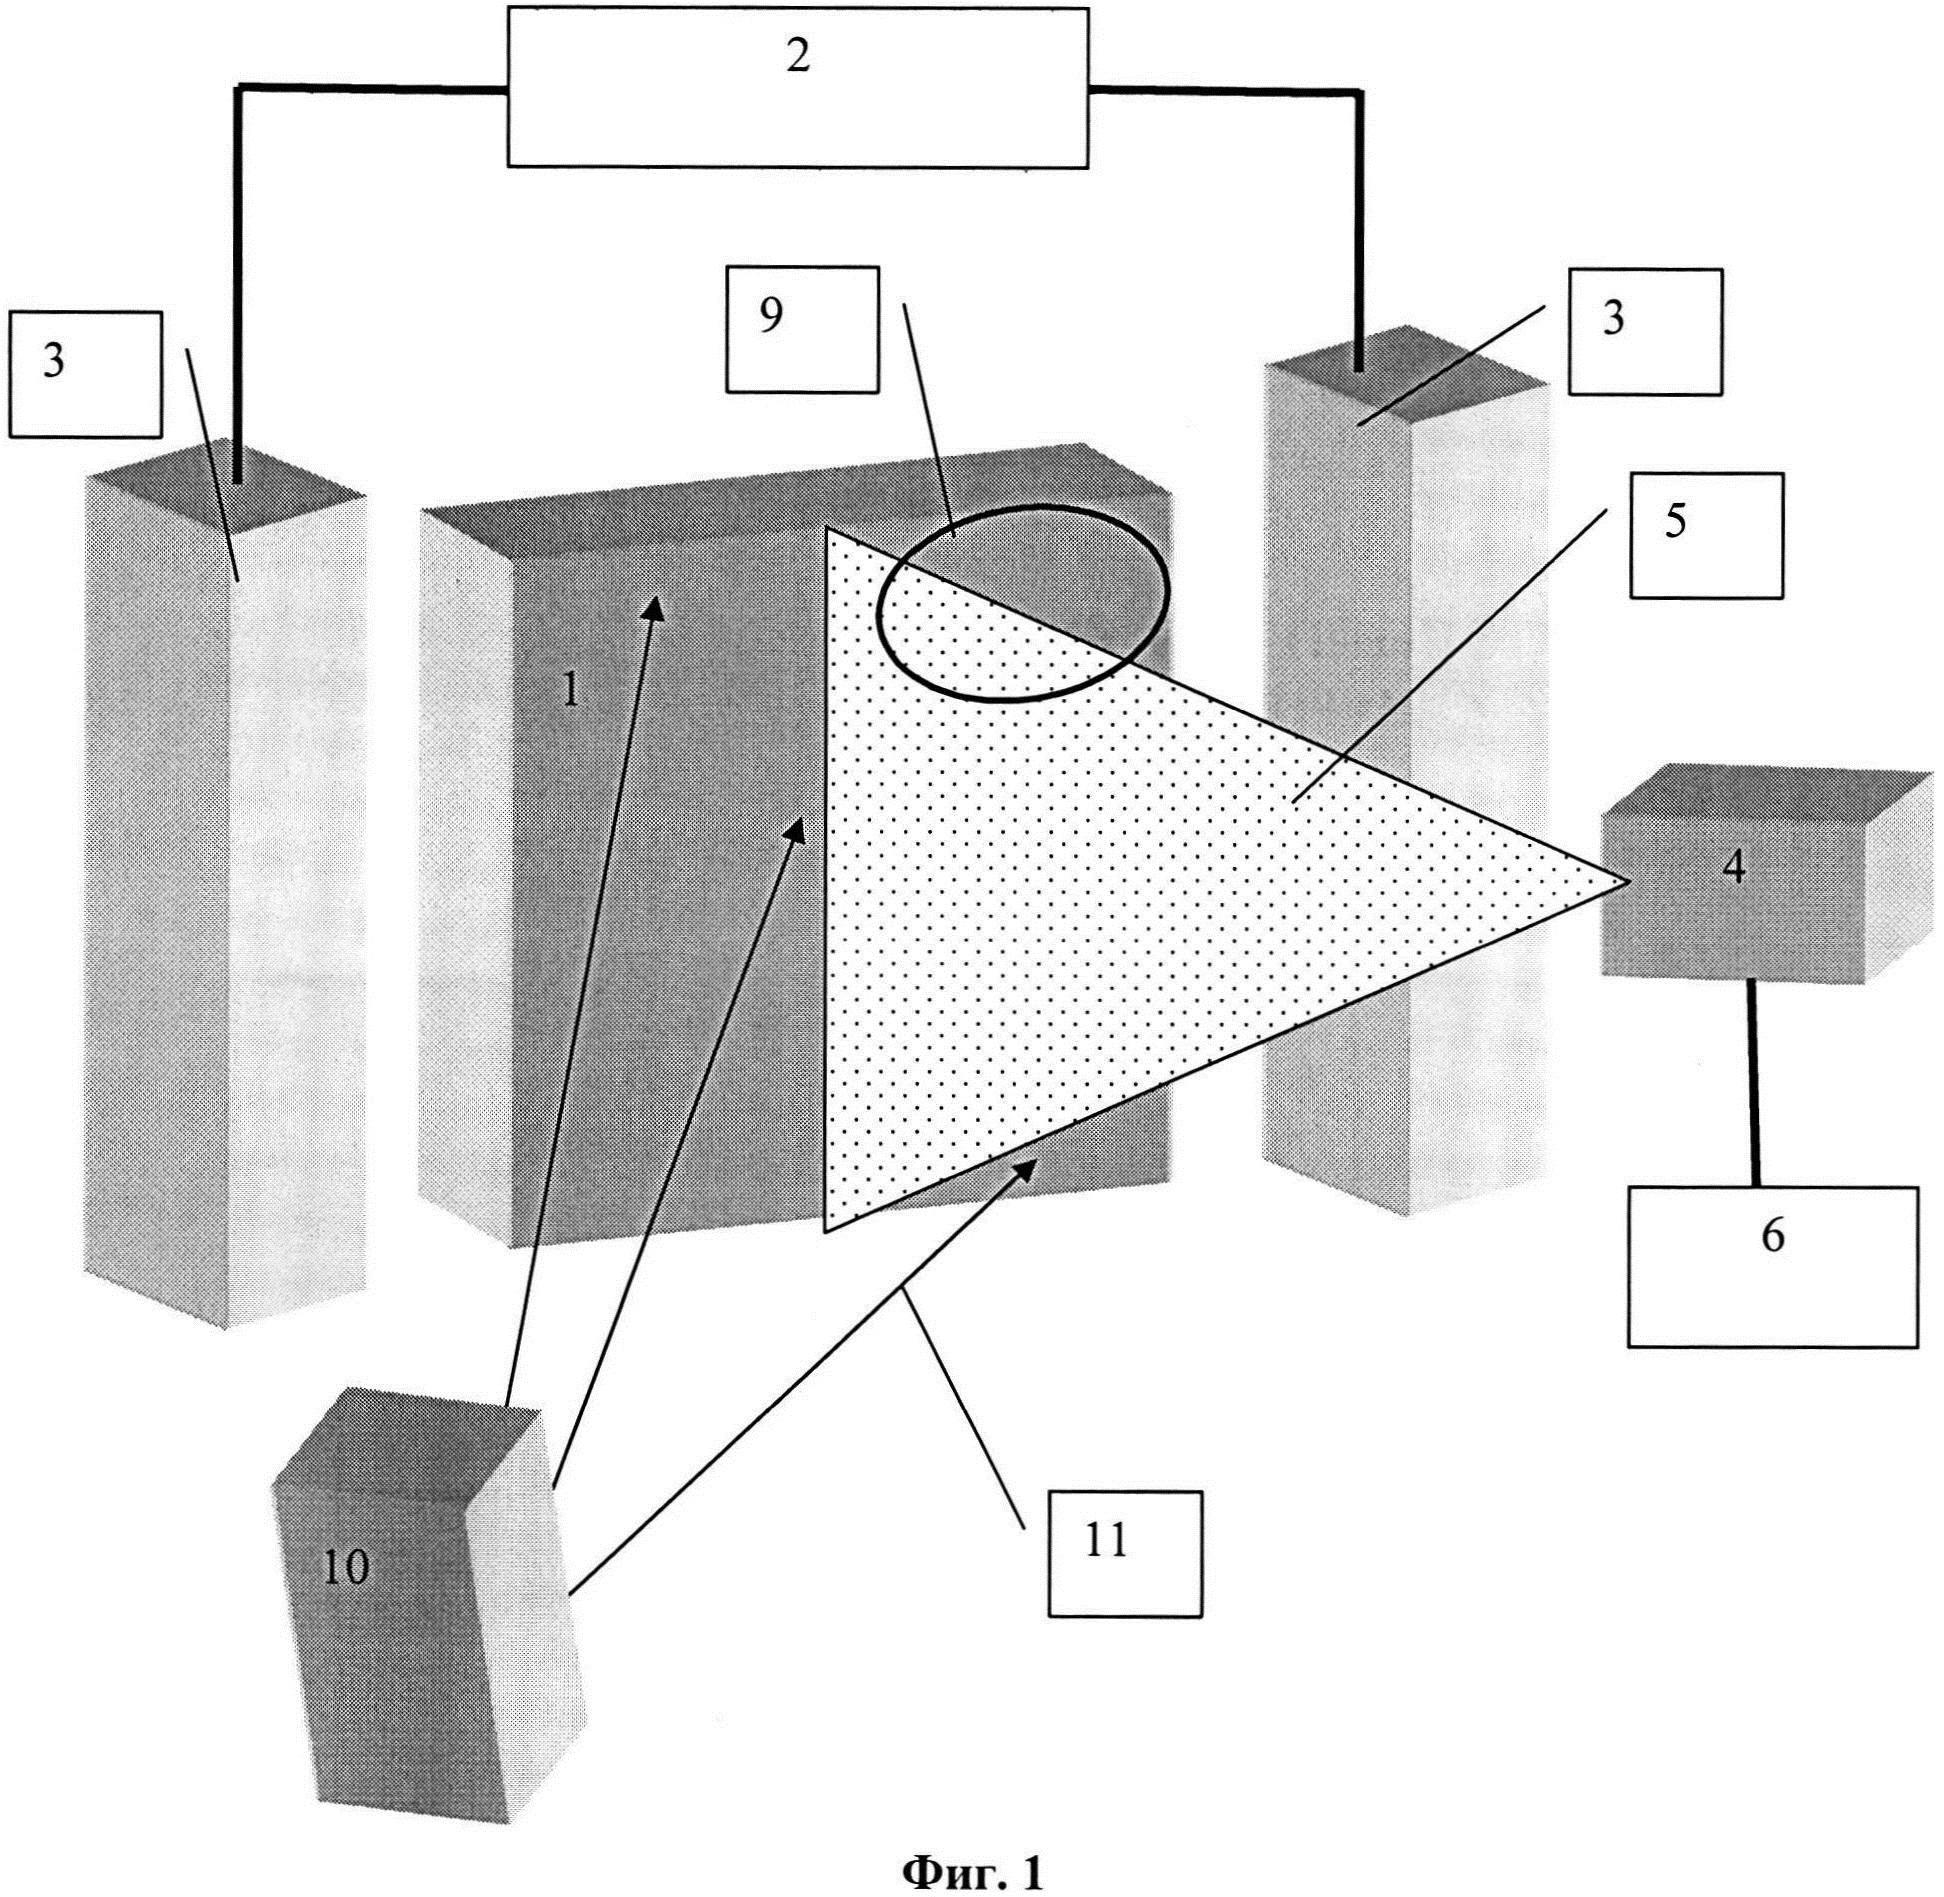 Способ теплового контроля композитных материалов